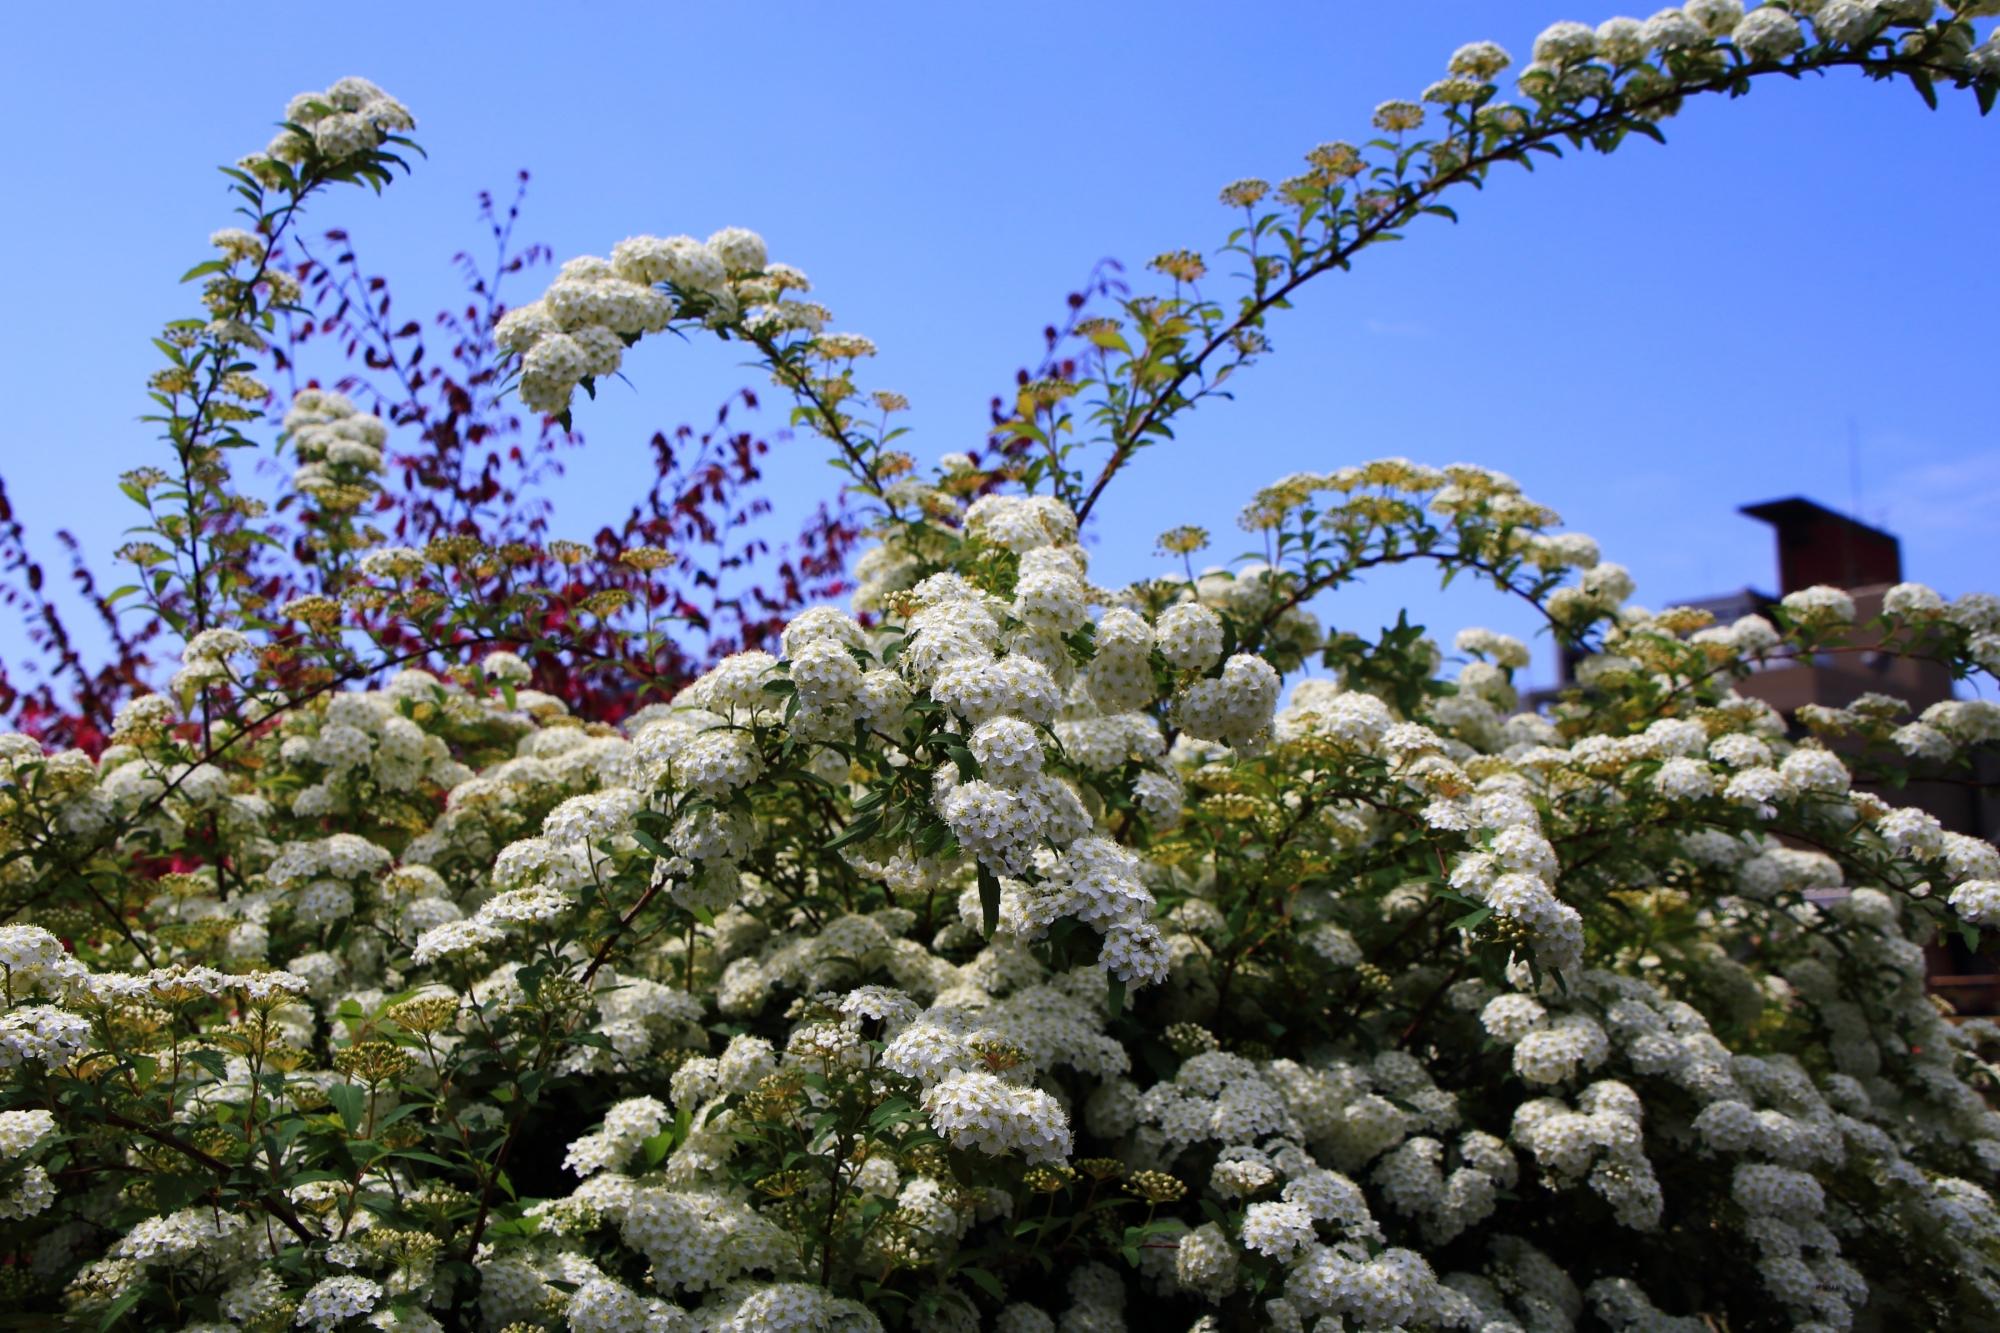 青空に映える華やかな白い花のコデマリ